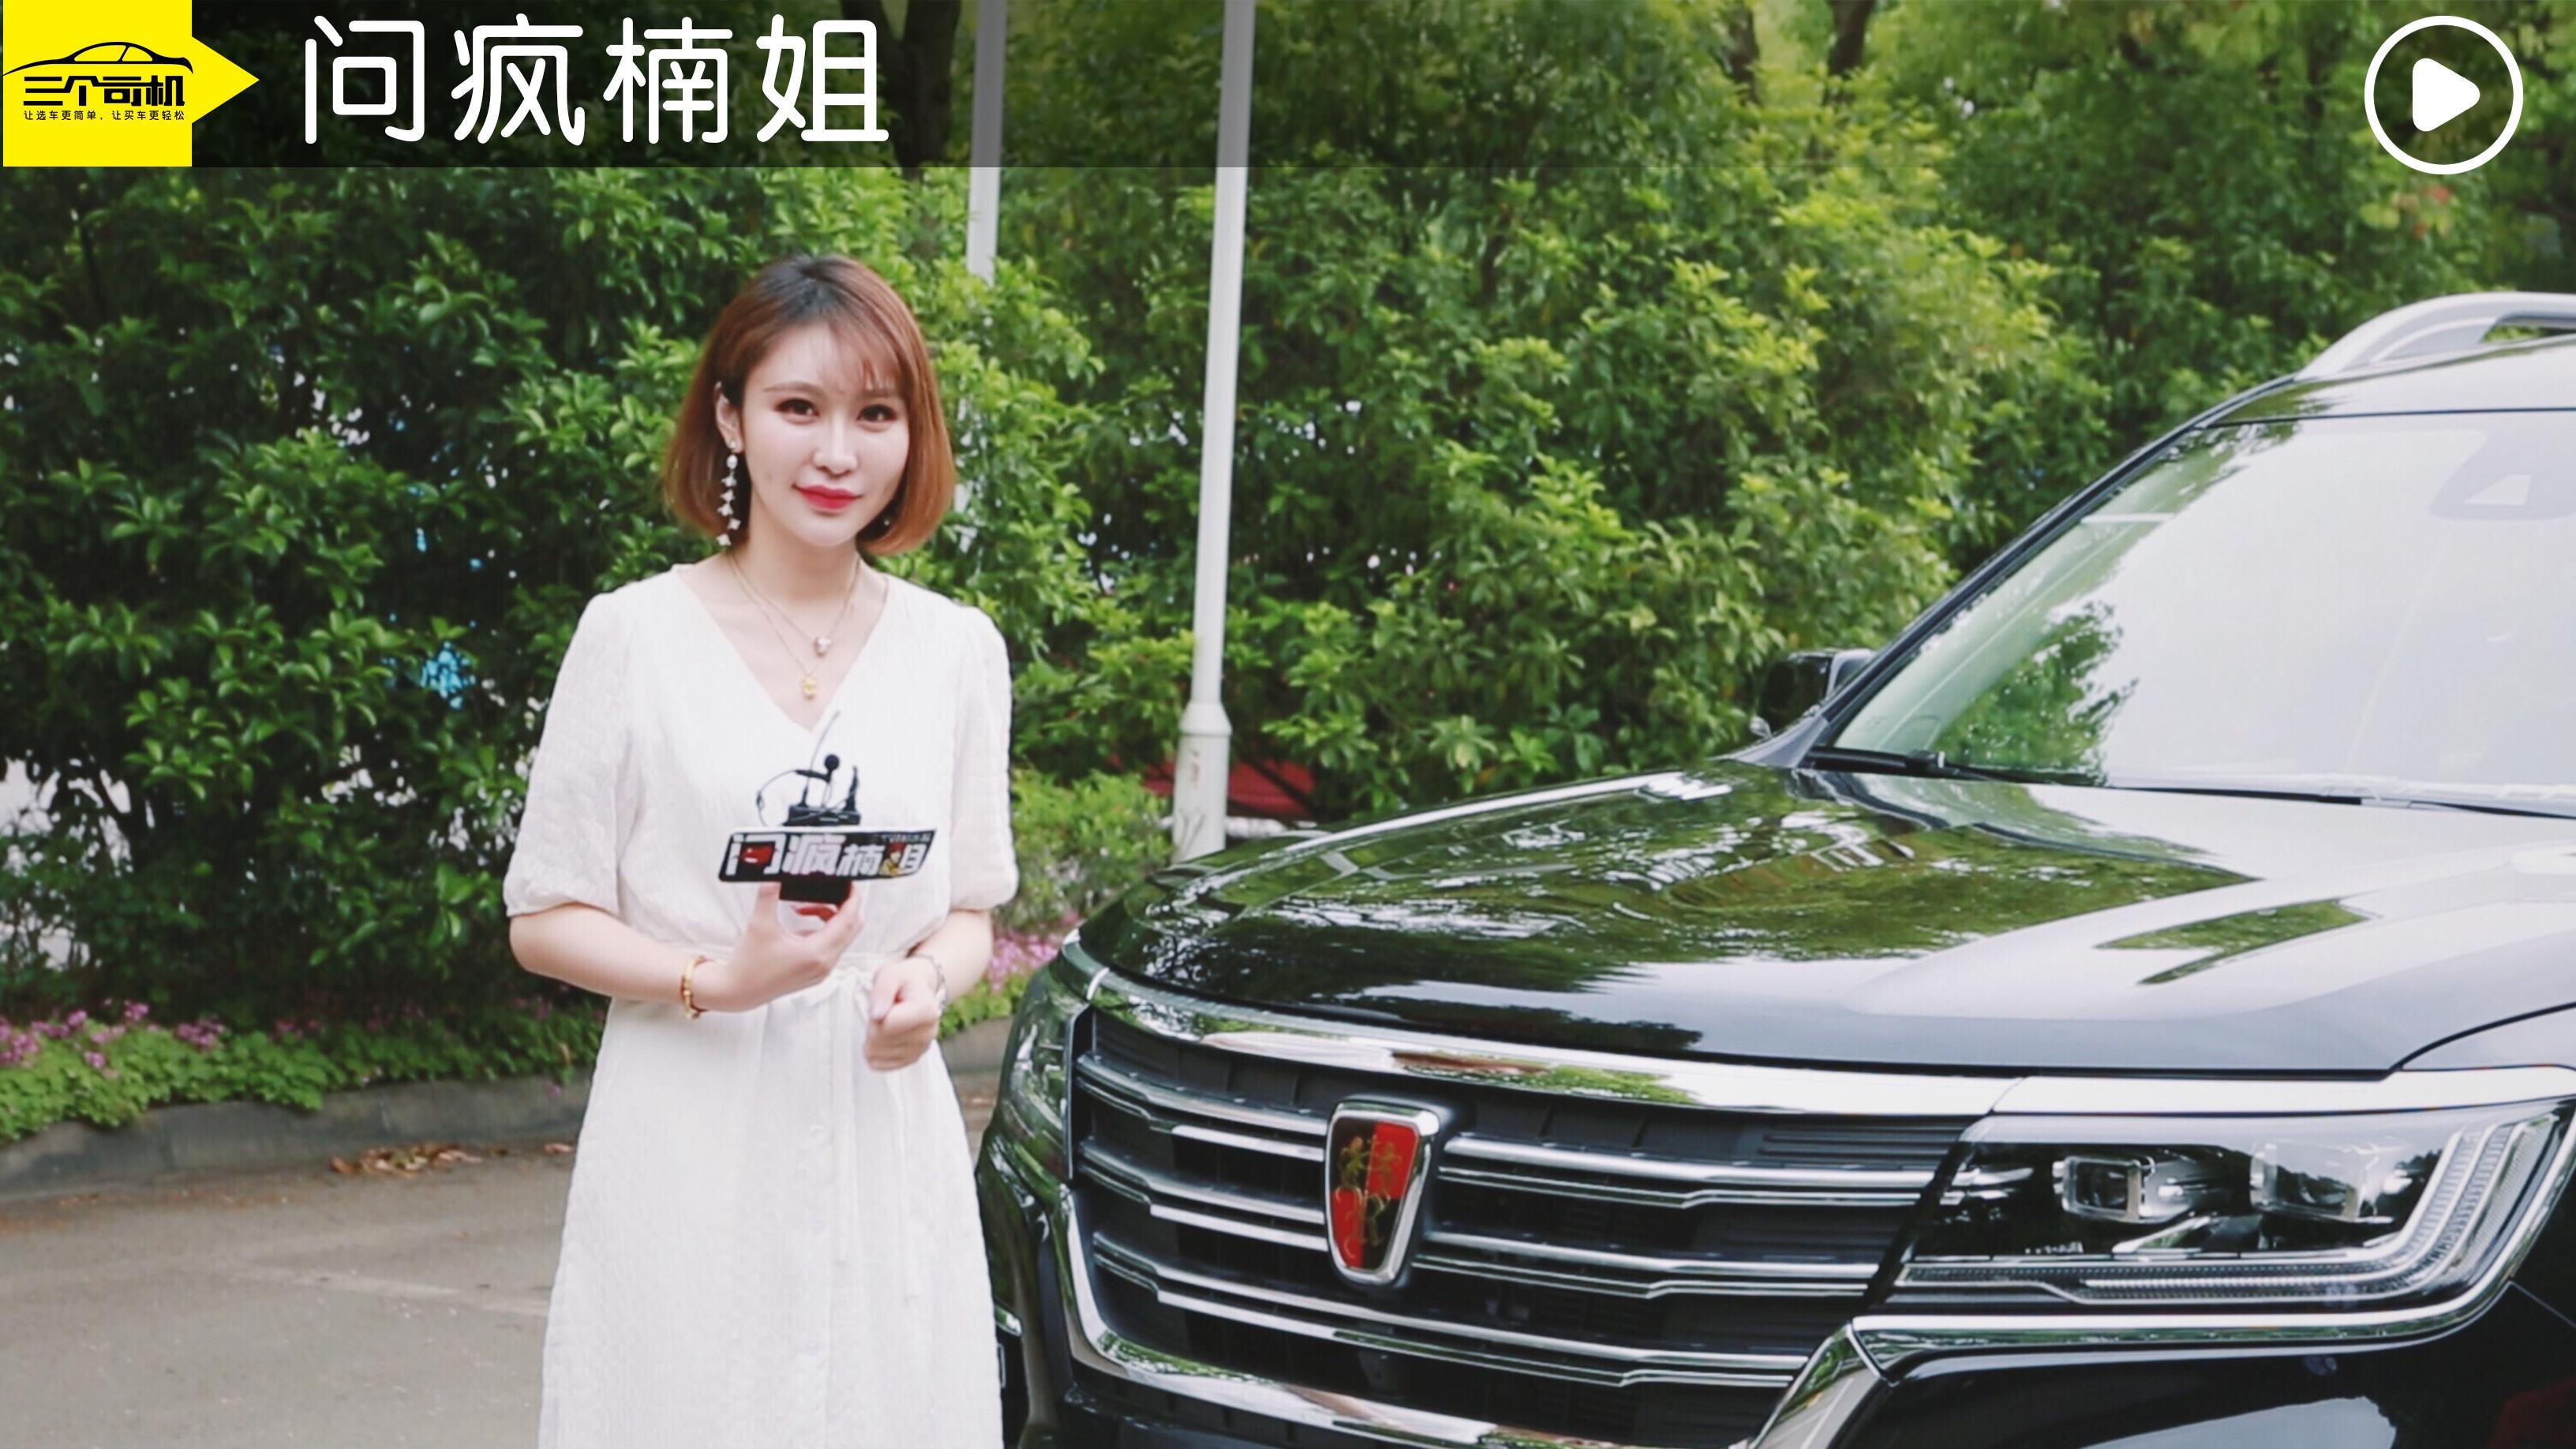 22.88万买辆荣威RX8,汉兰达很不爽,带四驱能越野就